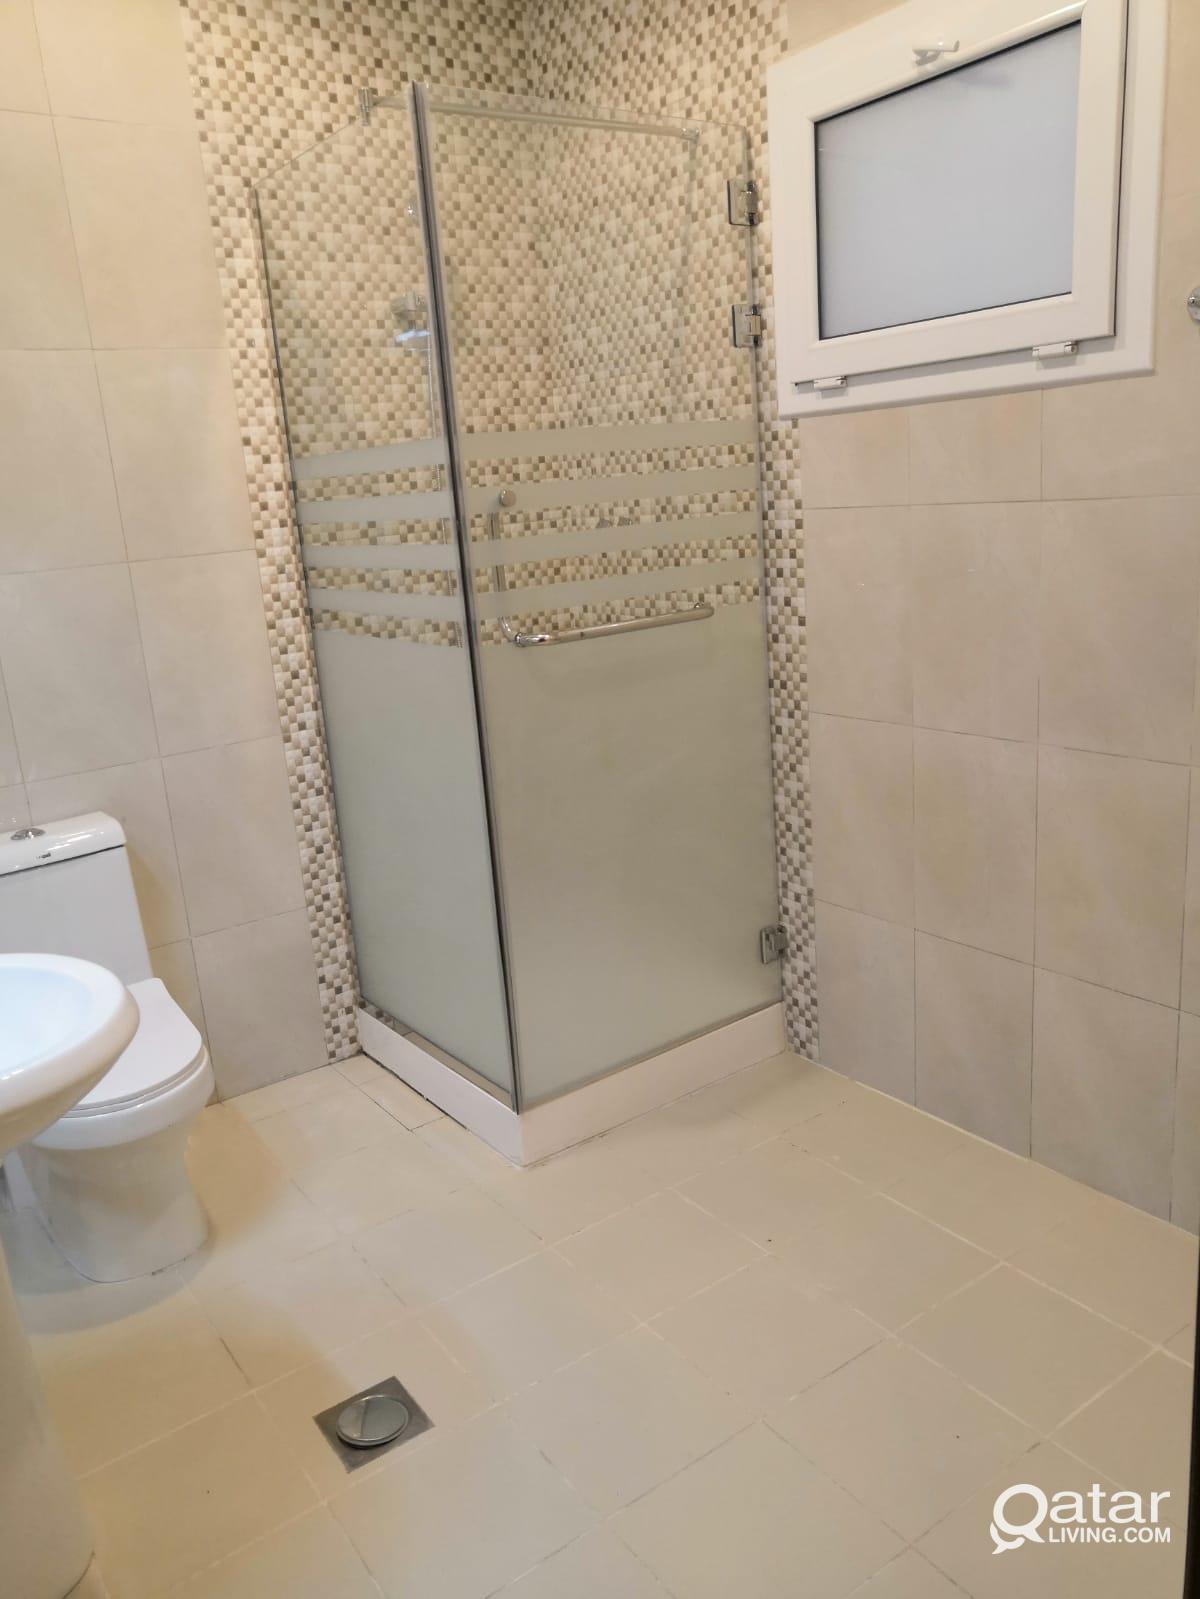 Studio & 1BHK  For rent in AlThomuma area in excel